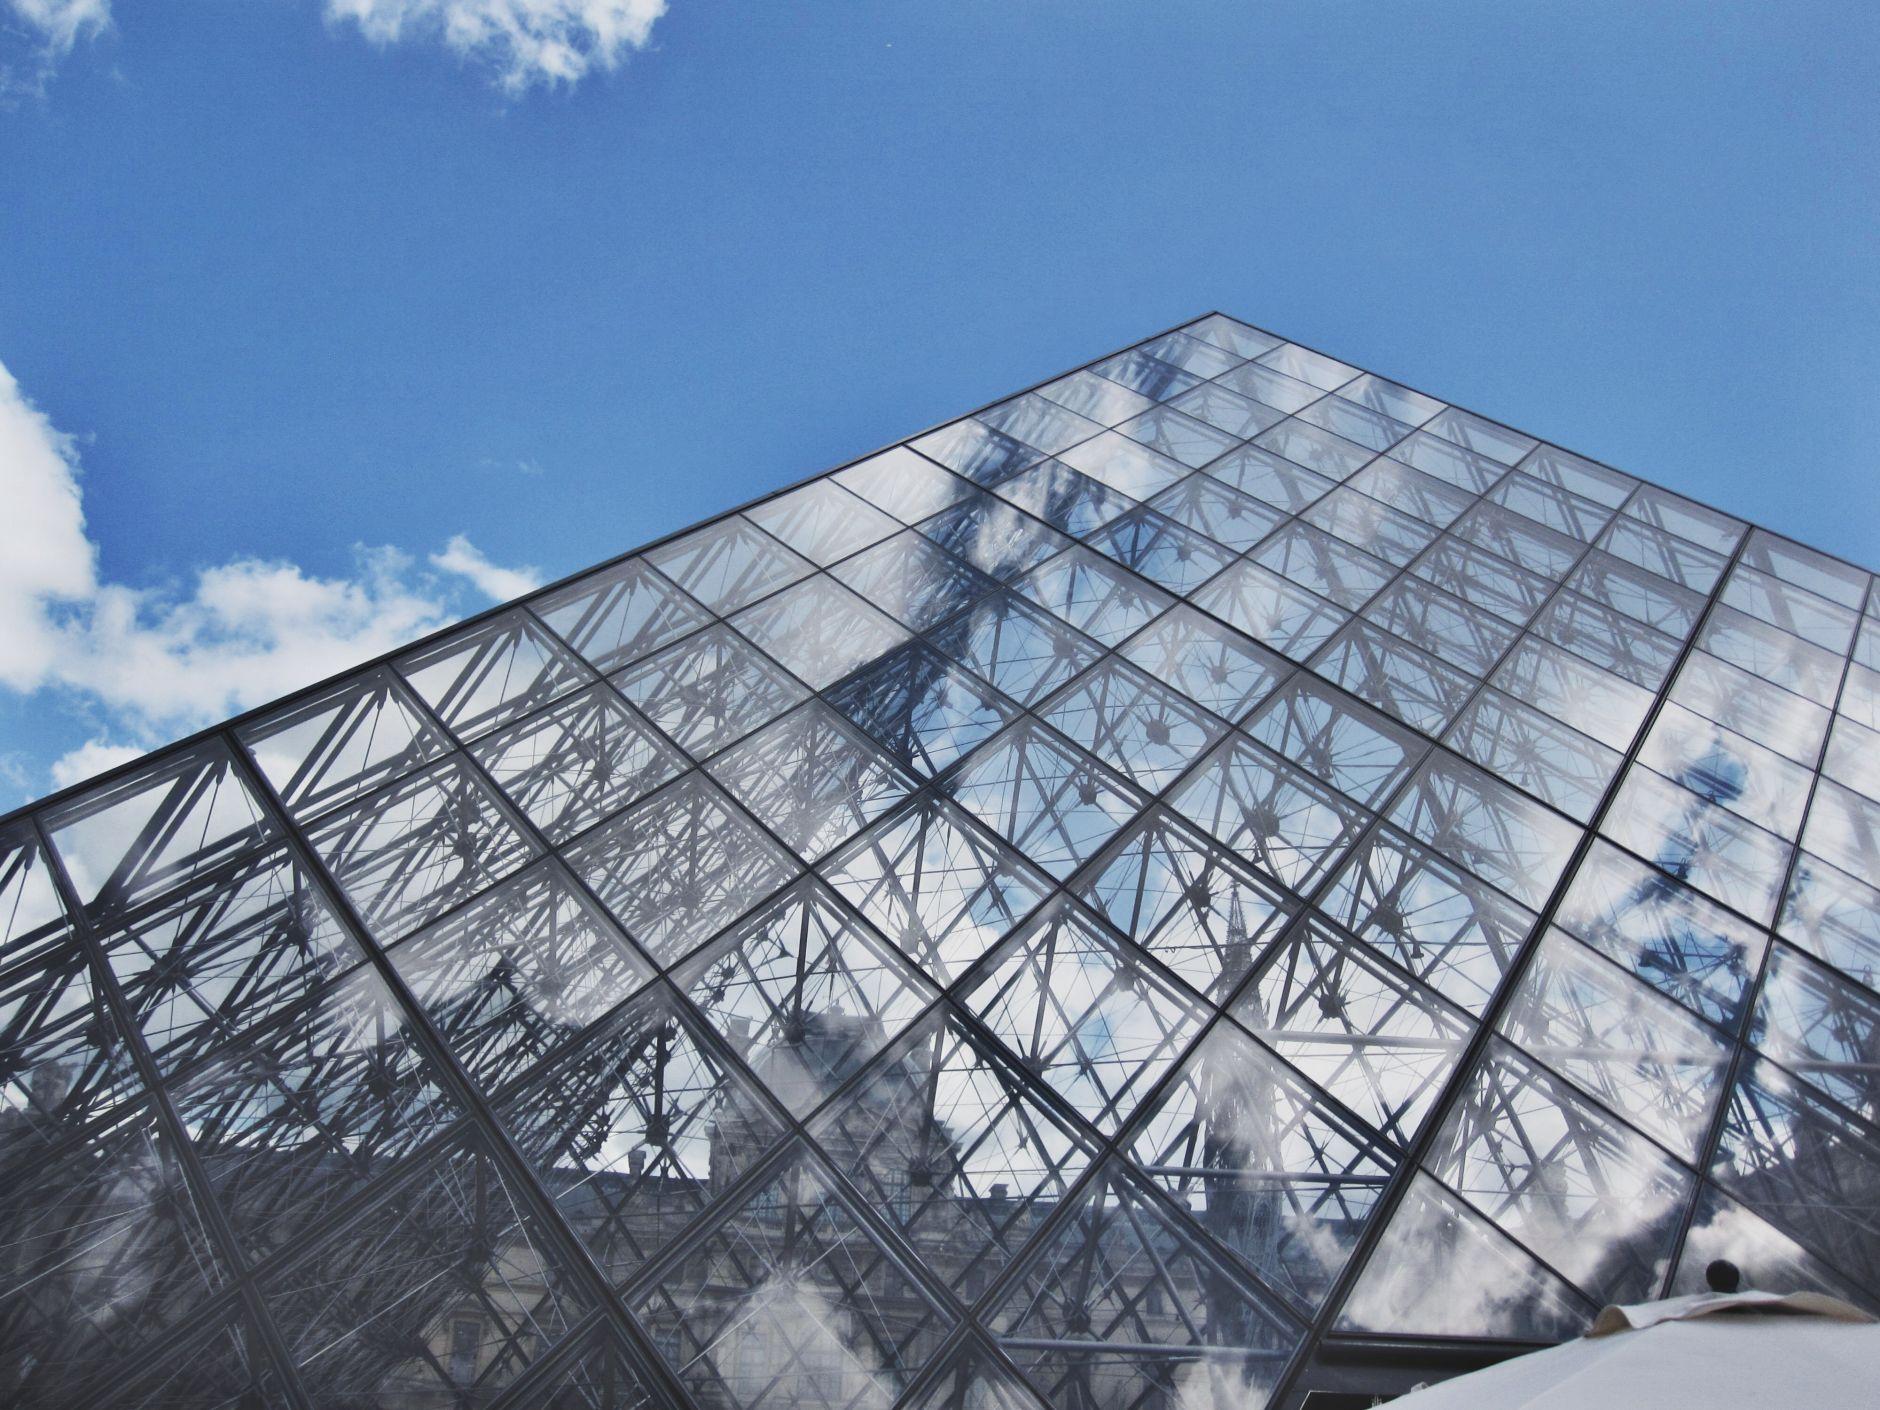 Musée-du-Louvre-Paris-France-Disi-Couture-02